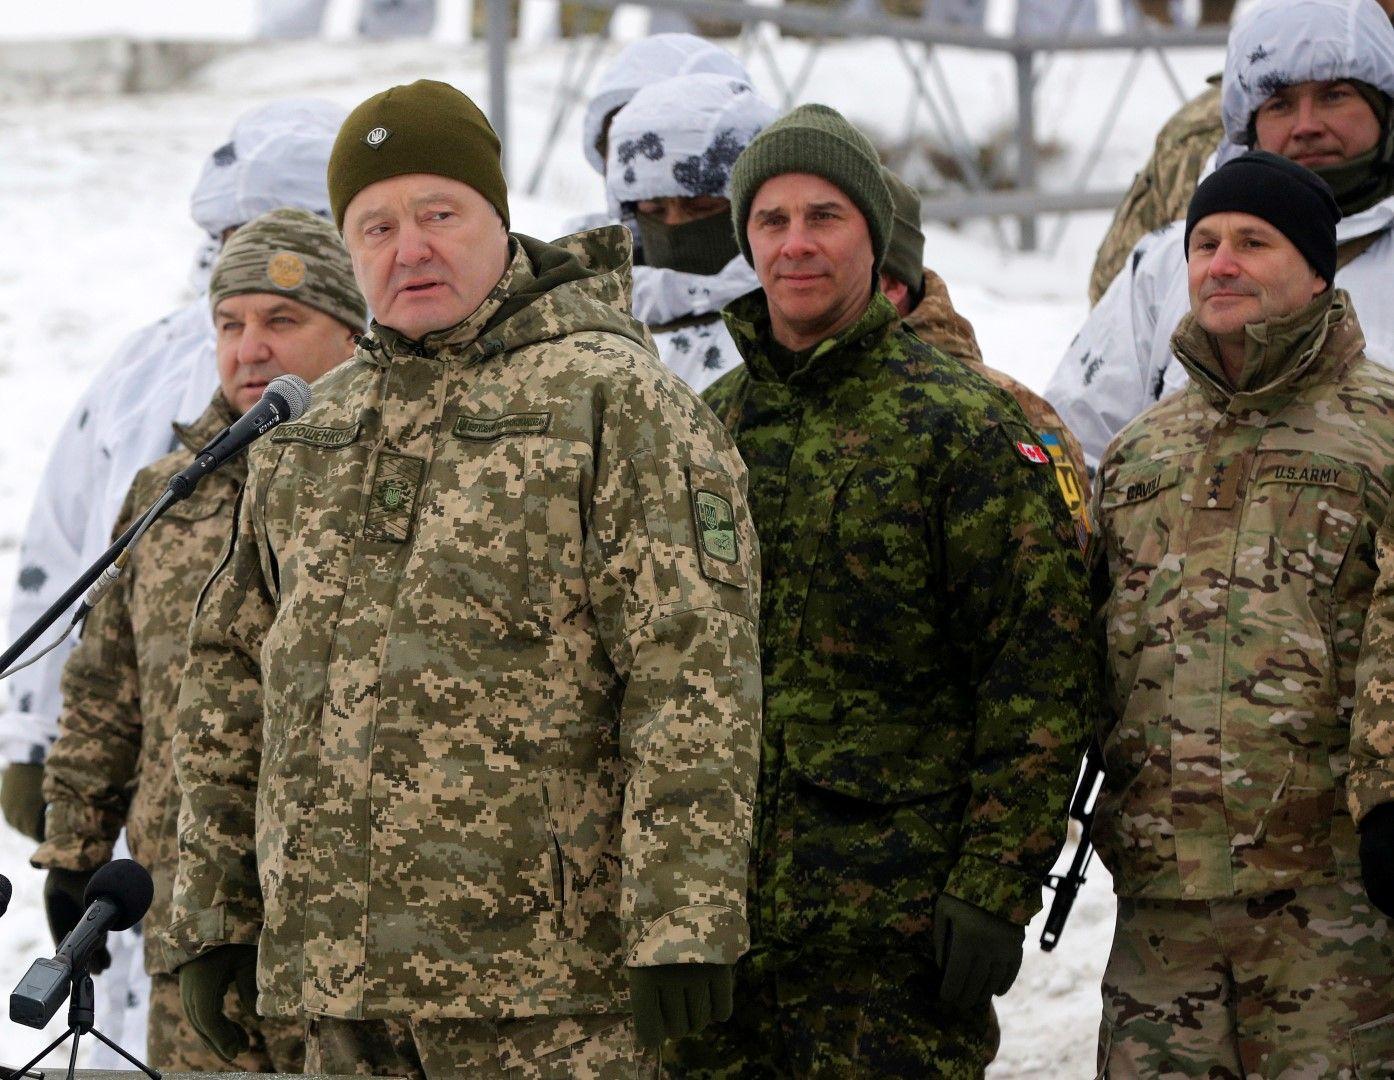 Украинският президент Петро Порошенко (втори вляво) участва във военното учение с американци и канадци на 3 декември